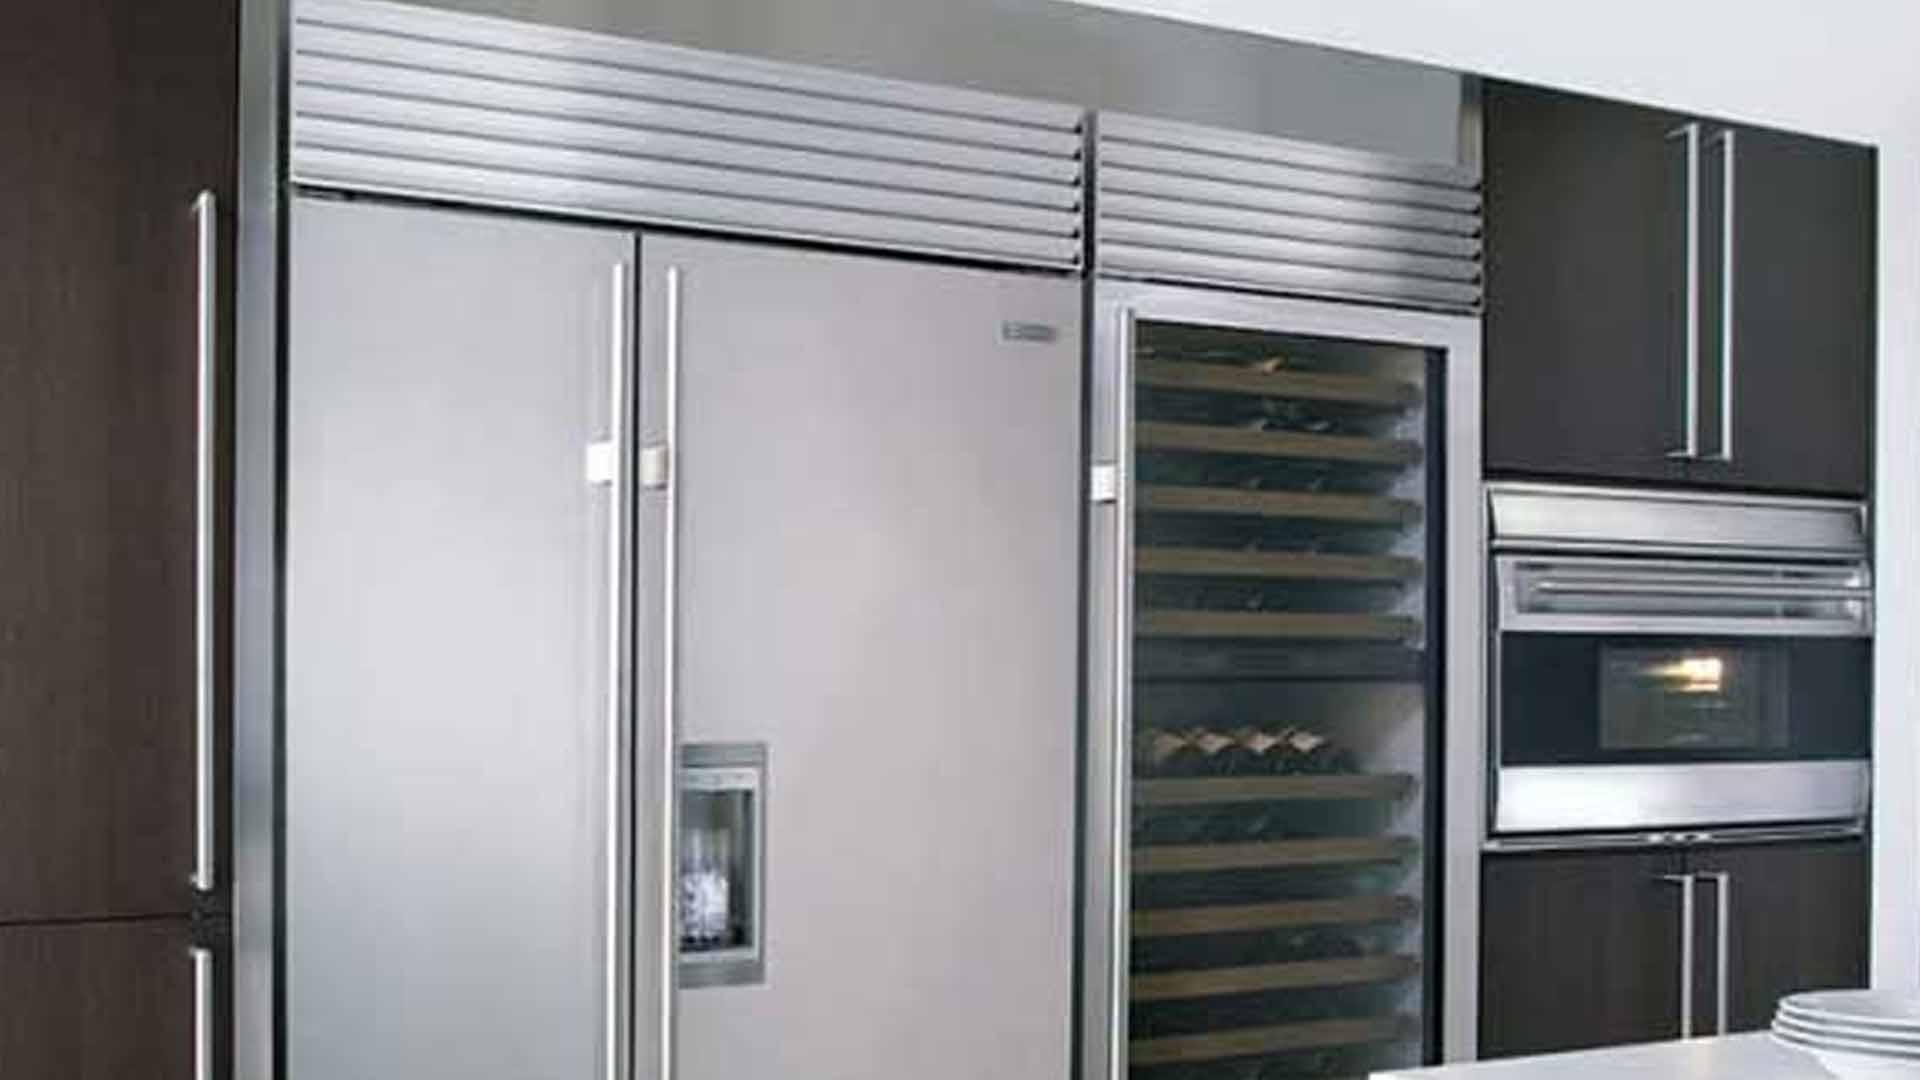 Viking Built-in All Freezer Refrigerator Repair Service   Viking Repair Squad